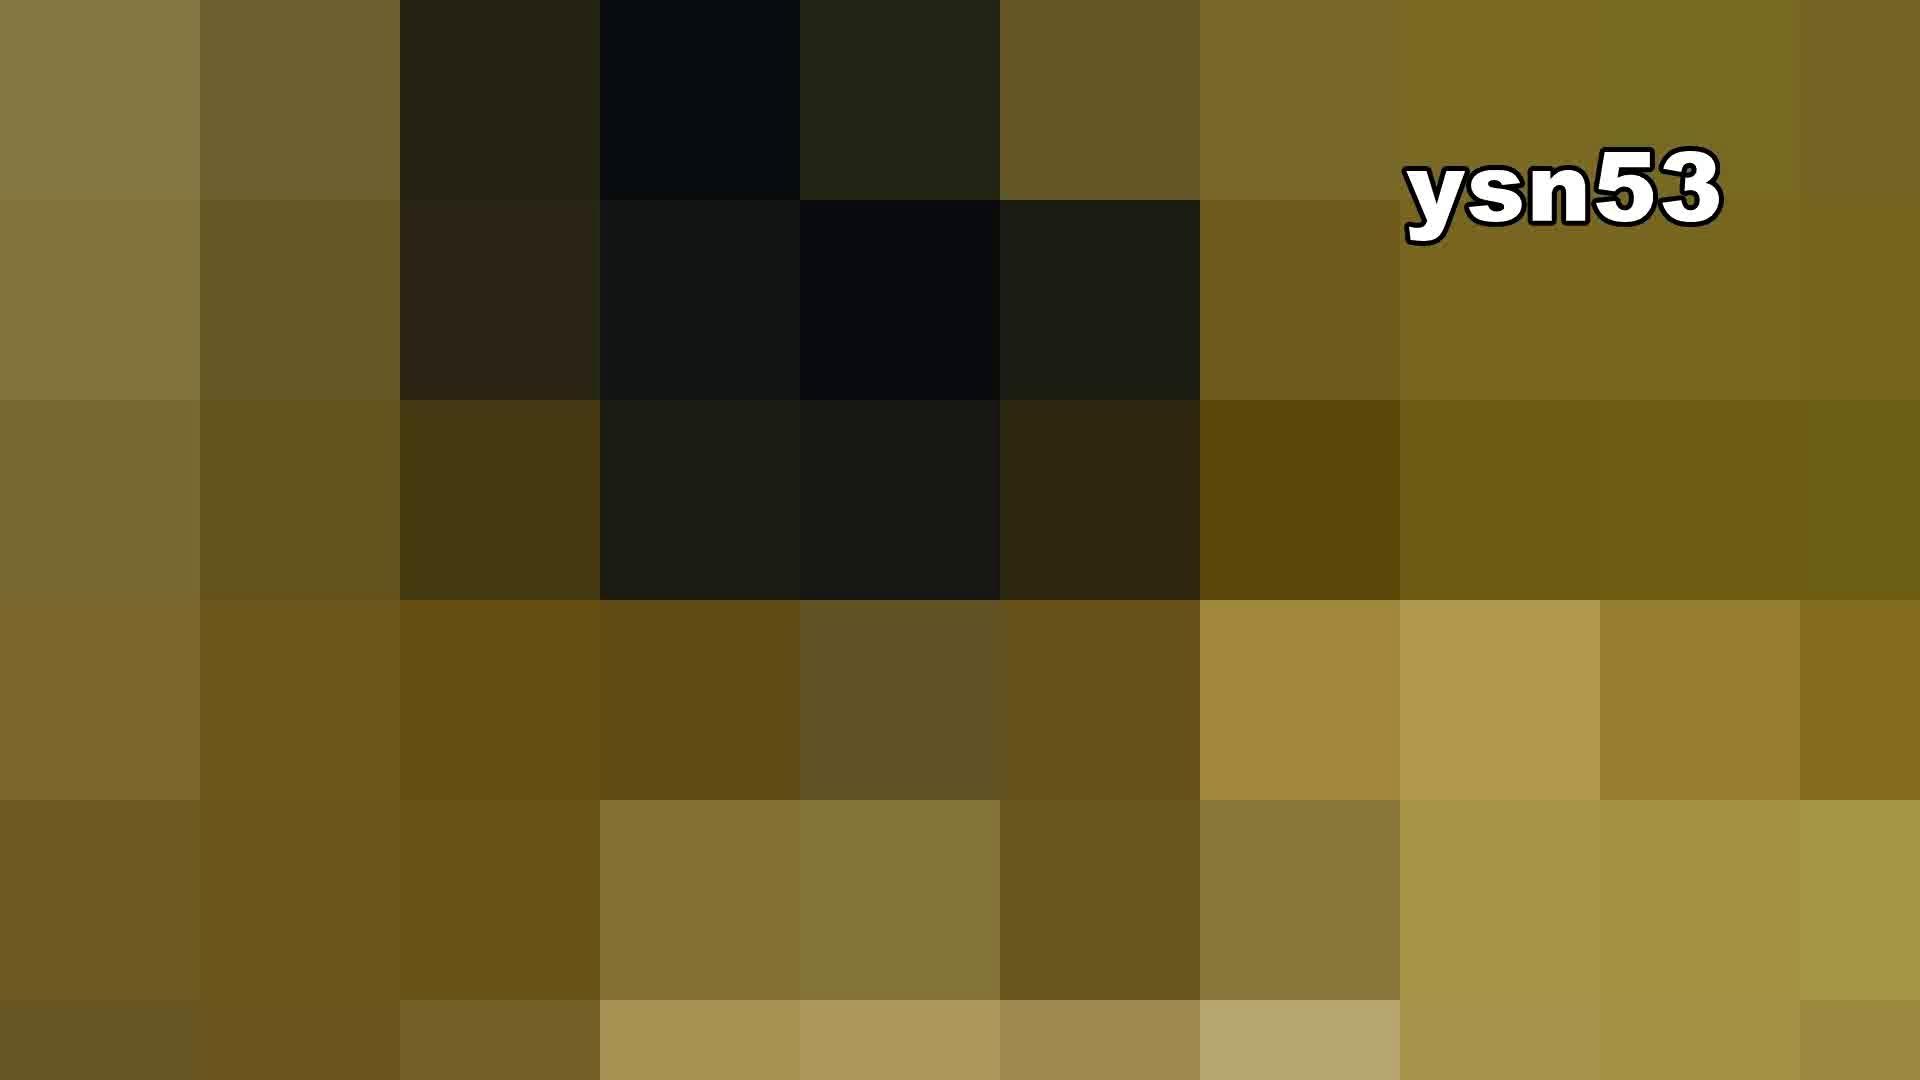 世界の射窓から vol.53 Yellowさん 丸見え  50PIX 49